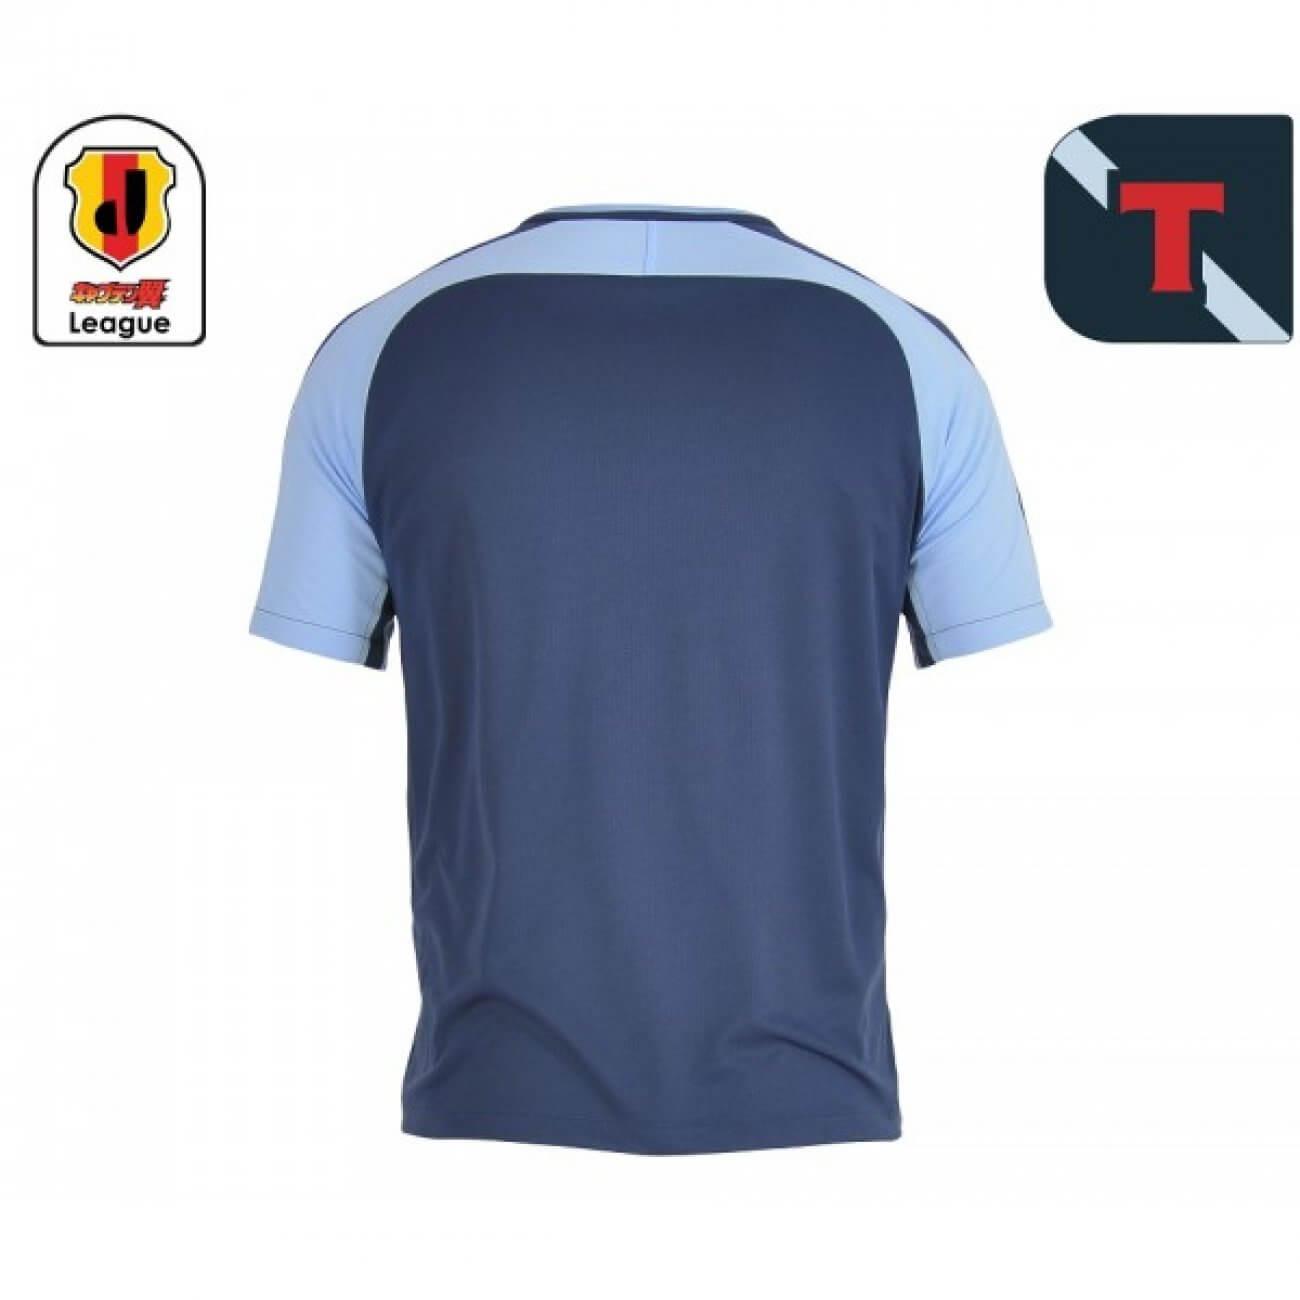 Vintage Adidas Shirt T Shirt Trikot Sportshirt Retro M